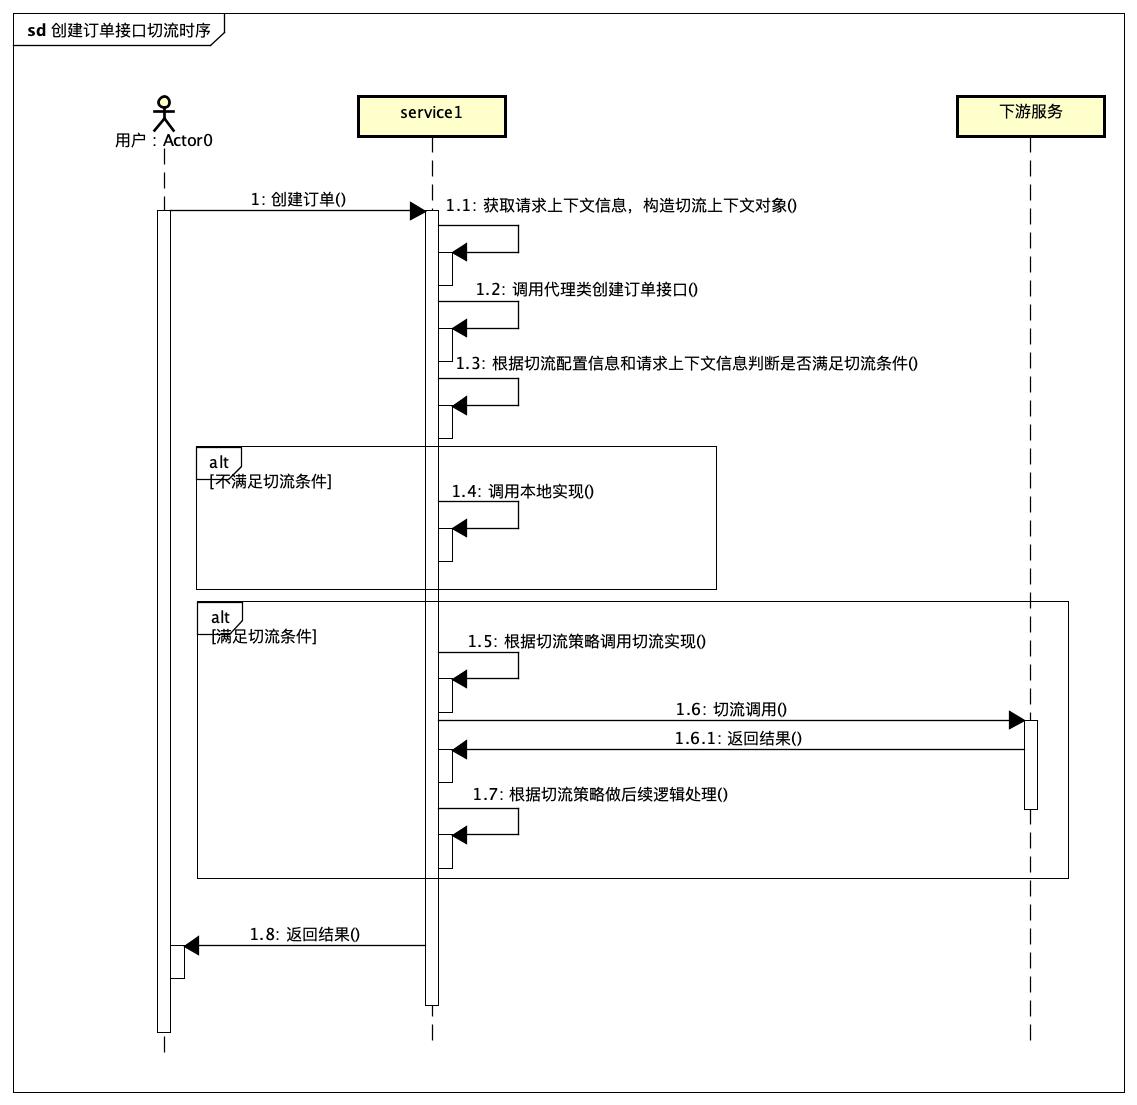 创建订单接口切流时序.png